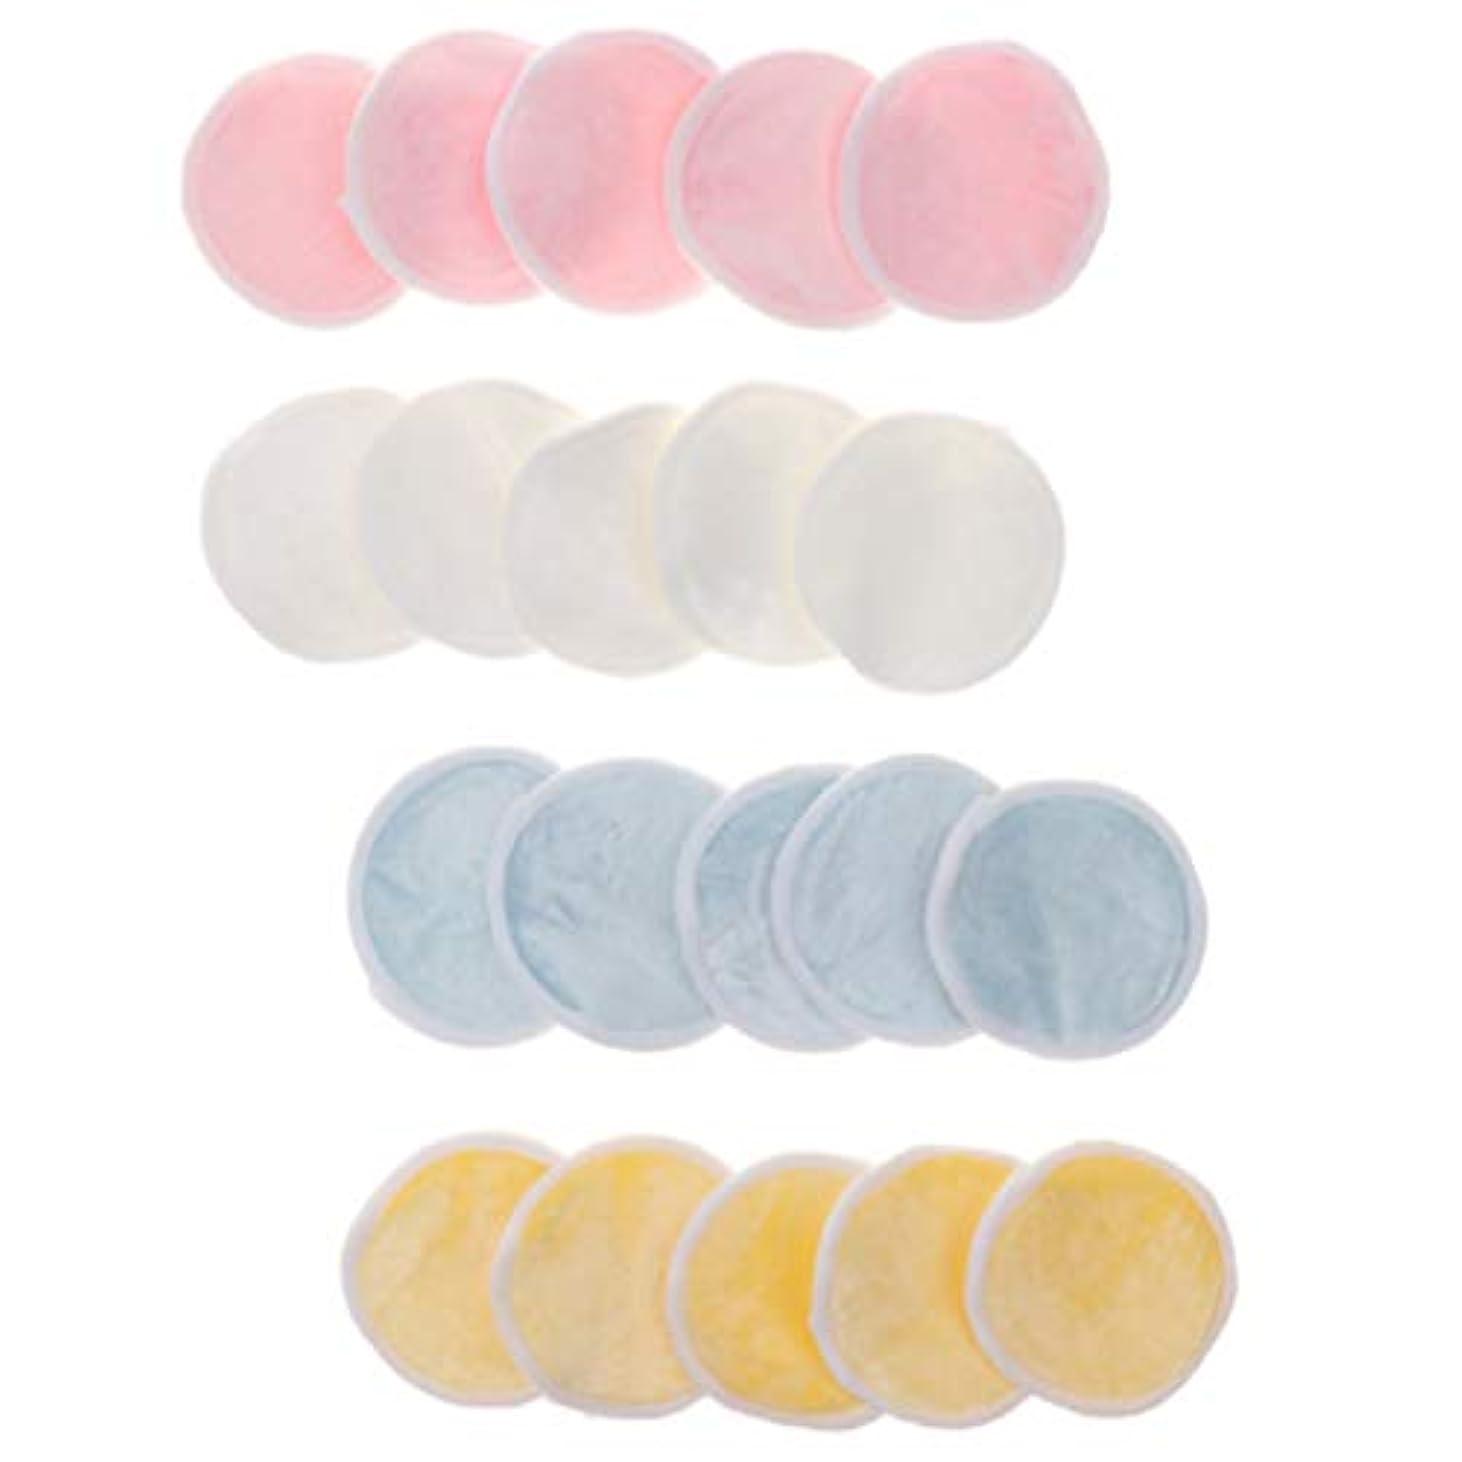 承知しましたマディソン空白B Blesiya 化粧落としパッド メイク落としコットン クレンジング 再使用可能 ジッパーメッシュバッグ付 20個入